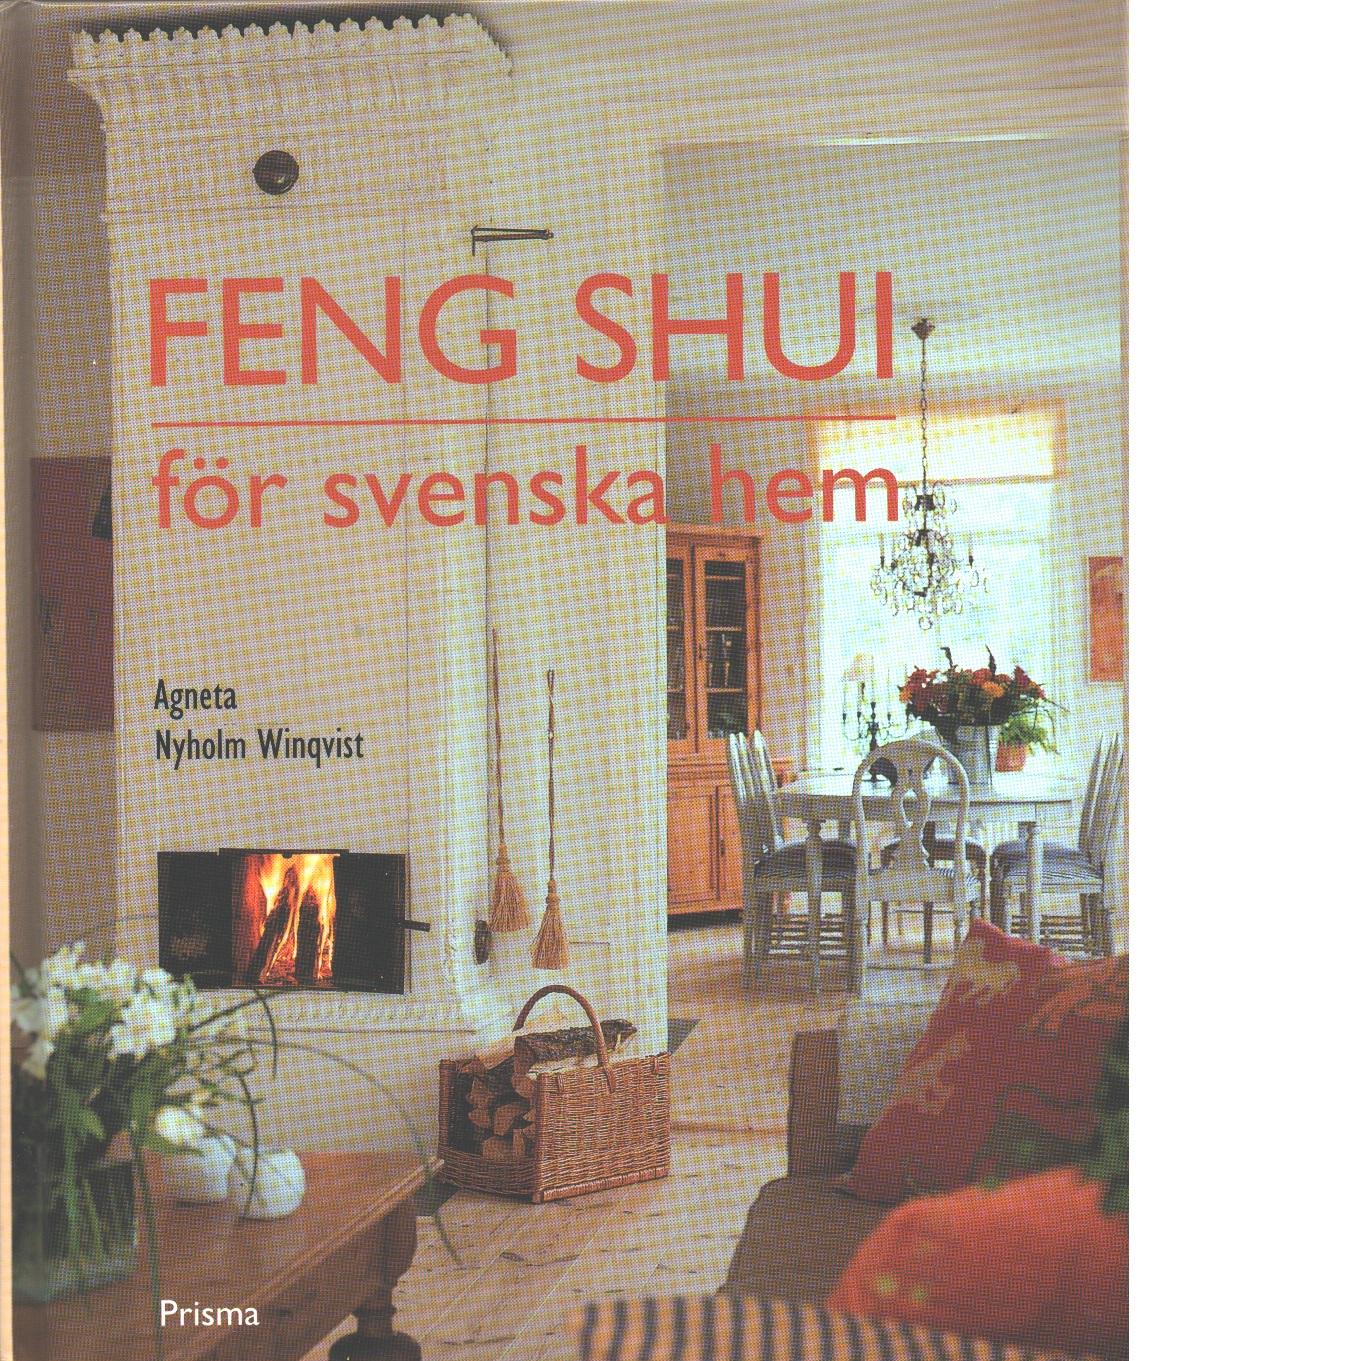 Feng shui för svenska hem - Nyholm Winqvist, Agneta